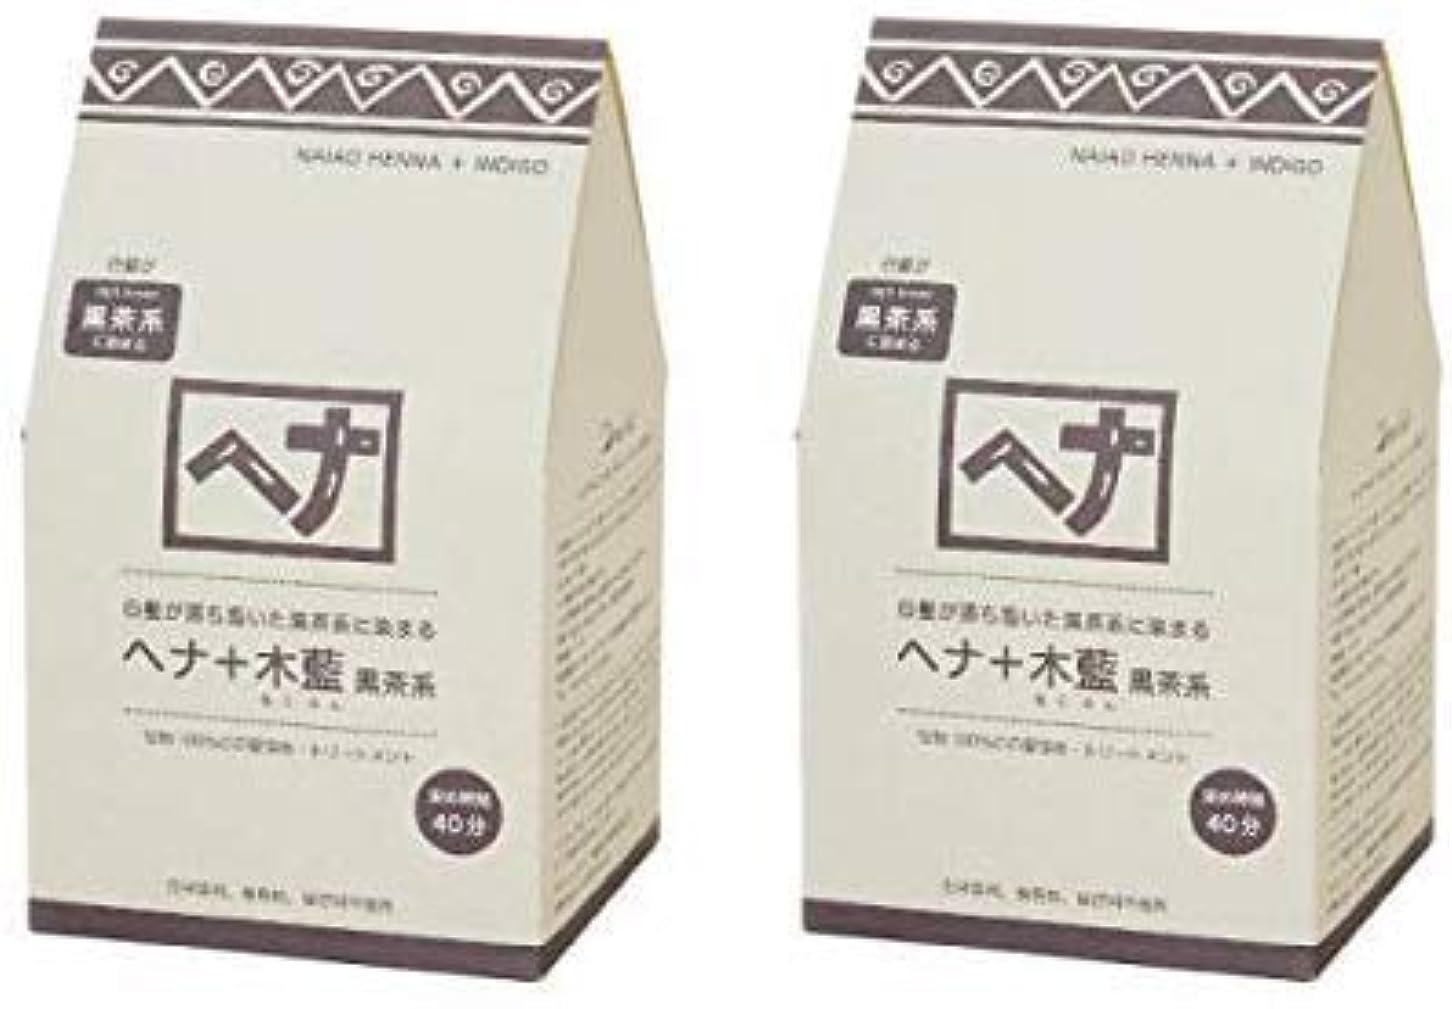 パネル破滅もつれナイアードヘナ+木藍(黒茶系)400g(100g×4袋)×2個+高級無添加洗顔石鹸(EXビューティースキンソープ)1個プレゼント 白髪が落ち着いた黒茶系に染まる